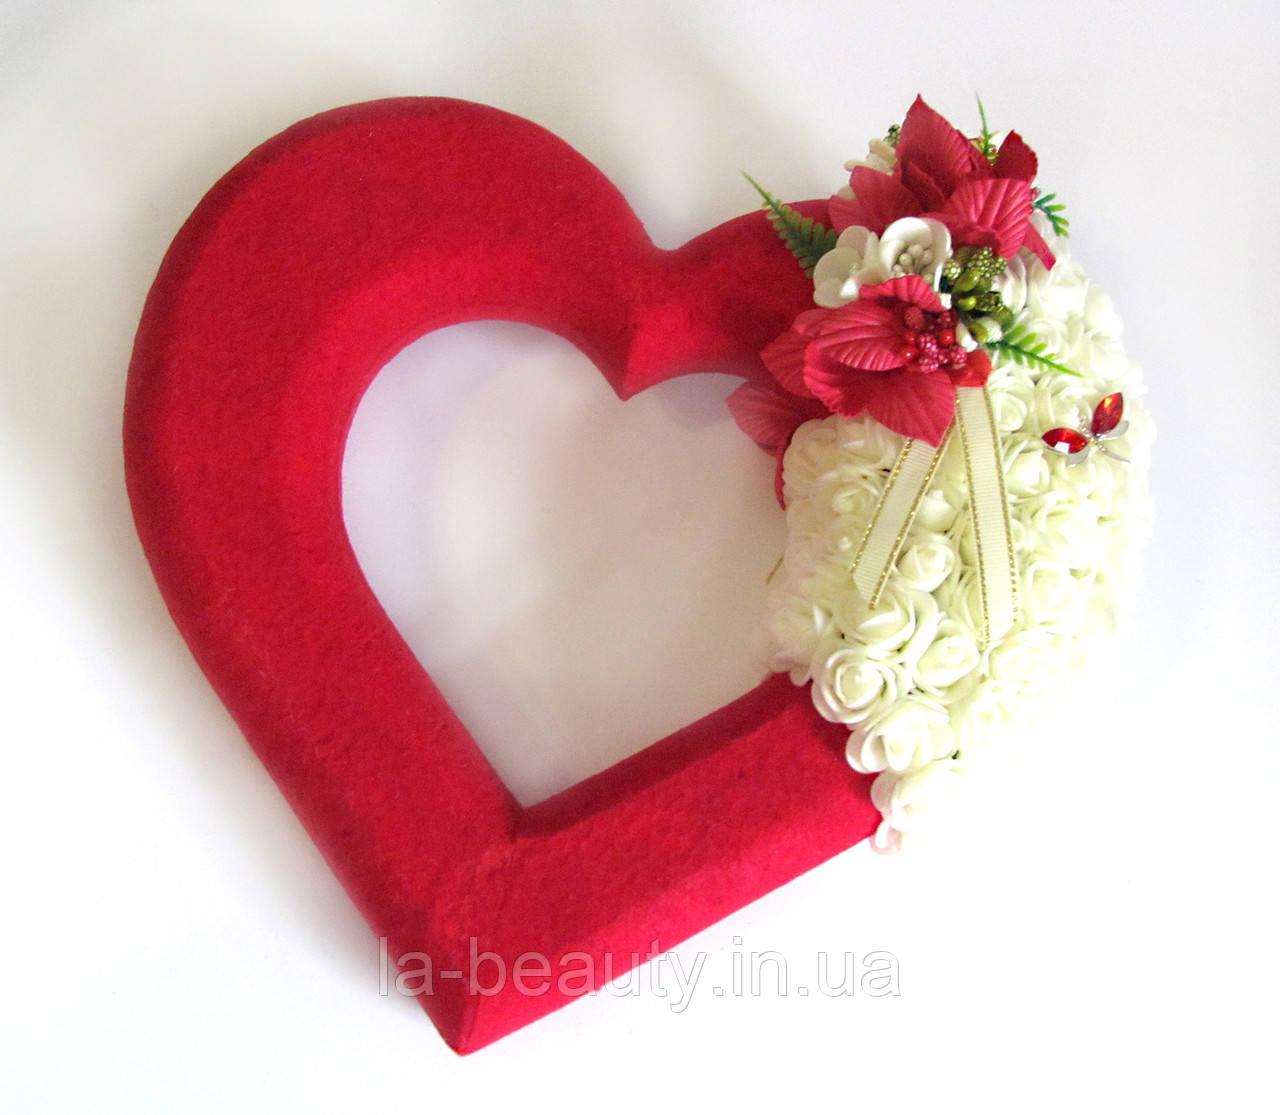 Декор красное сердце с розами айвори для свадебных машин / авто украшение